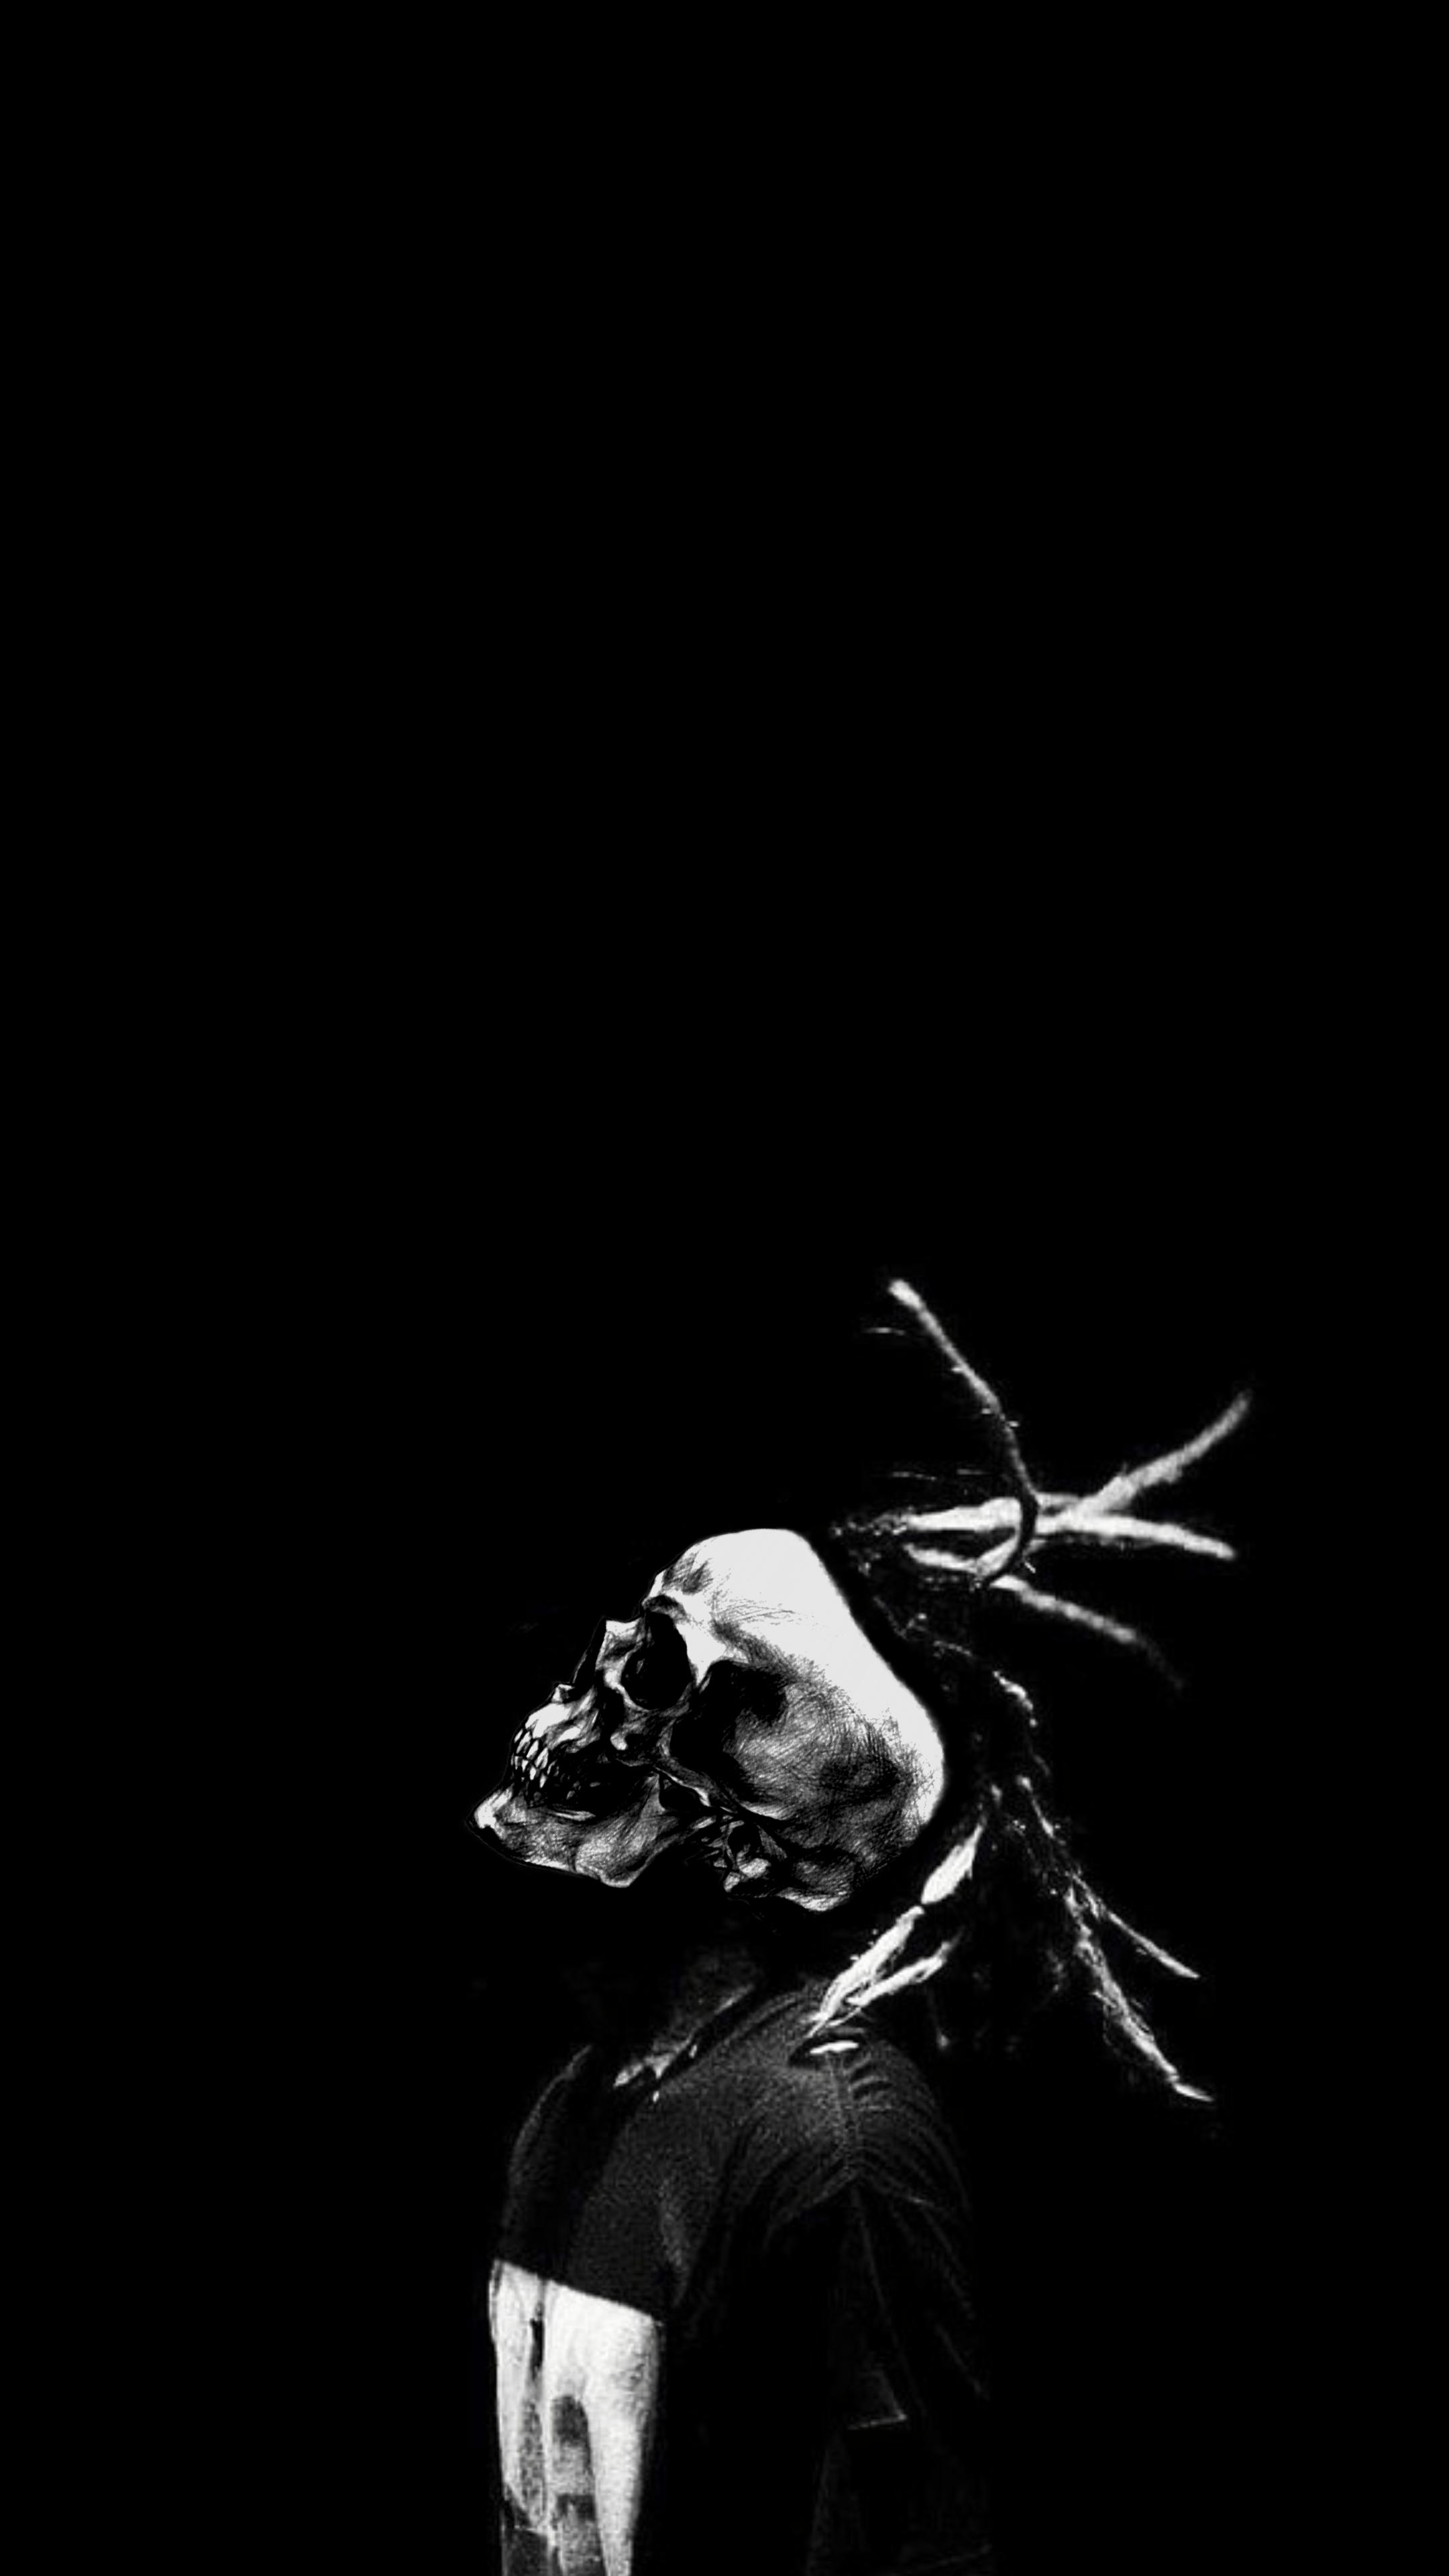 iphone dope wallpapers rap uicideboy grey android background xxxtentacion rapper backgrounds devil til death music graffiti despair depth comments para